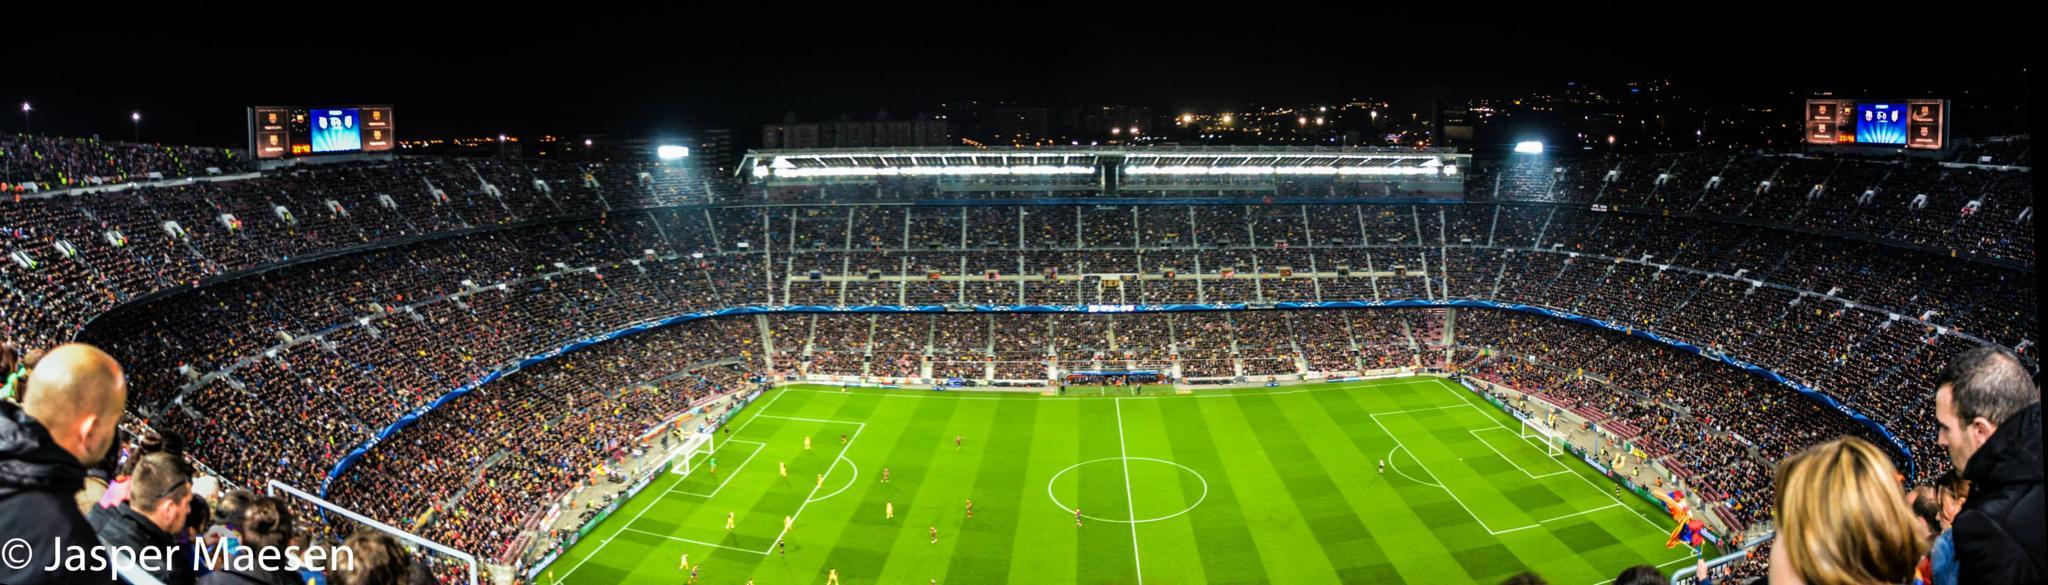 Camp Nou by Jasma Photography